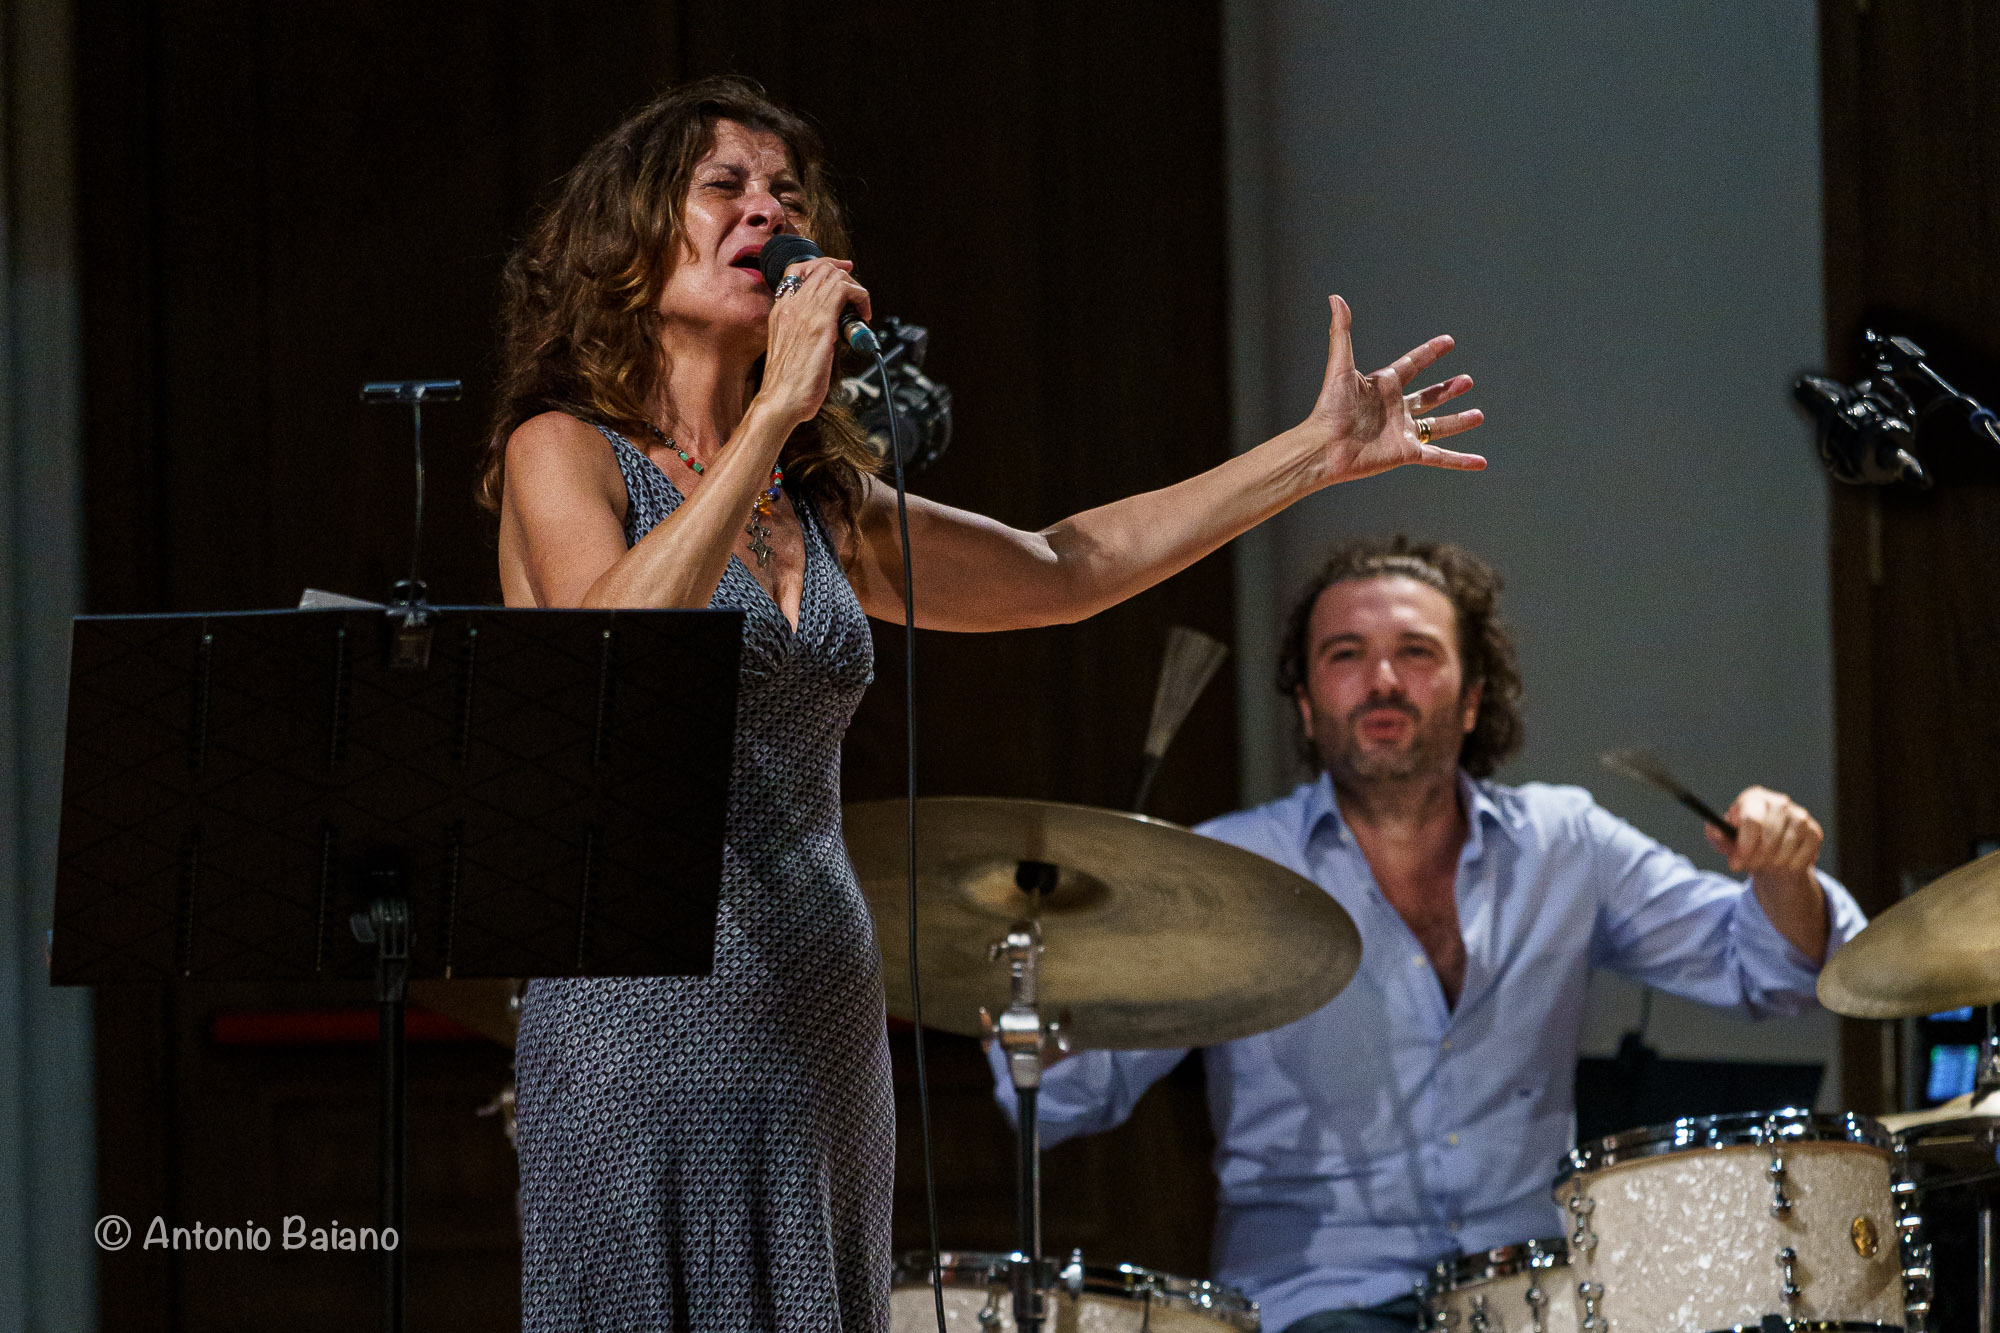 Maria Pia De Vito and Alessandro Paternesi